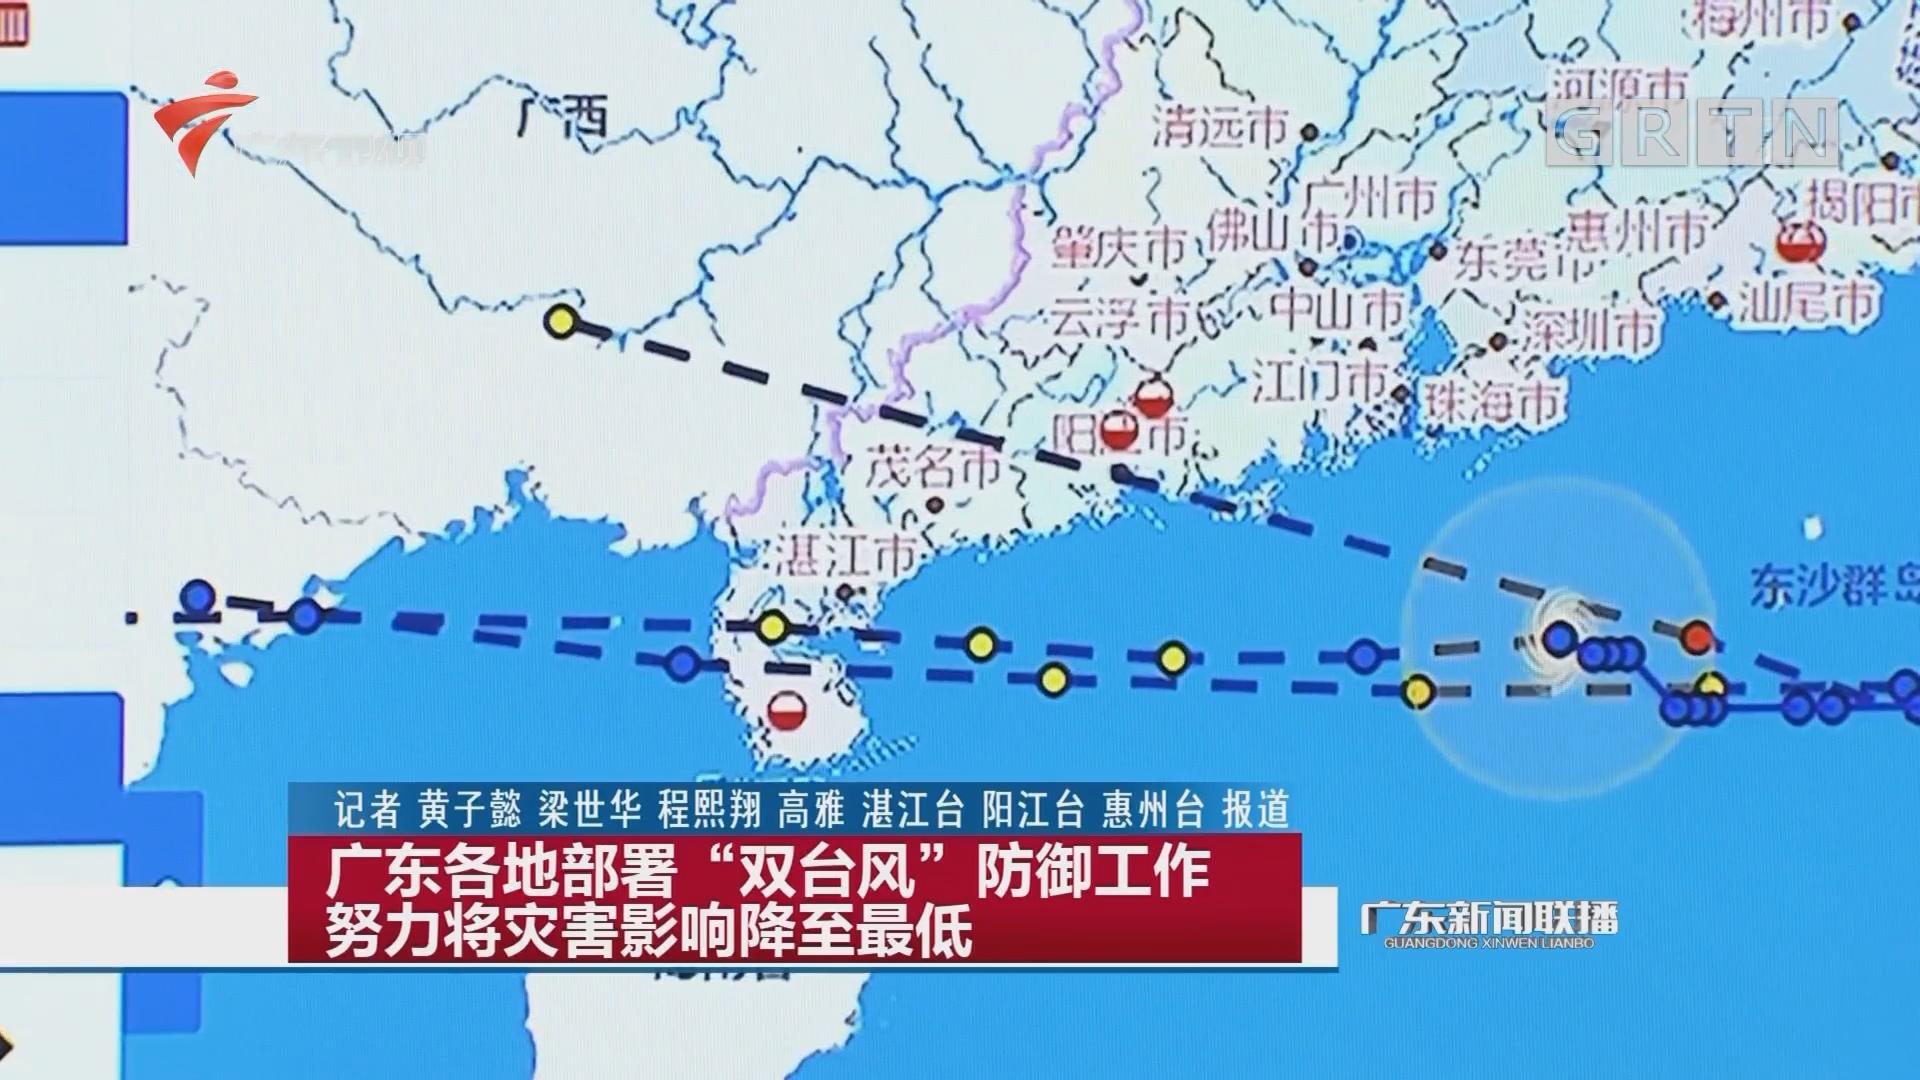 """广东各地部署""""双台风""""防御工作 努力将灾害影响降至最低"""